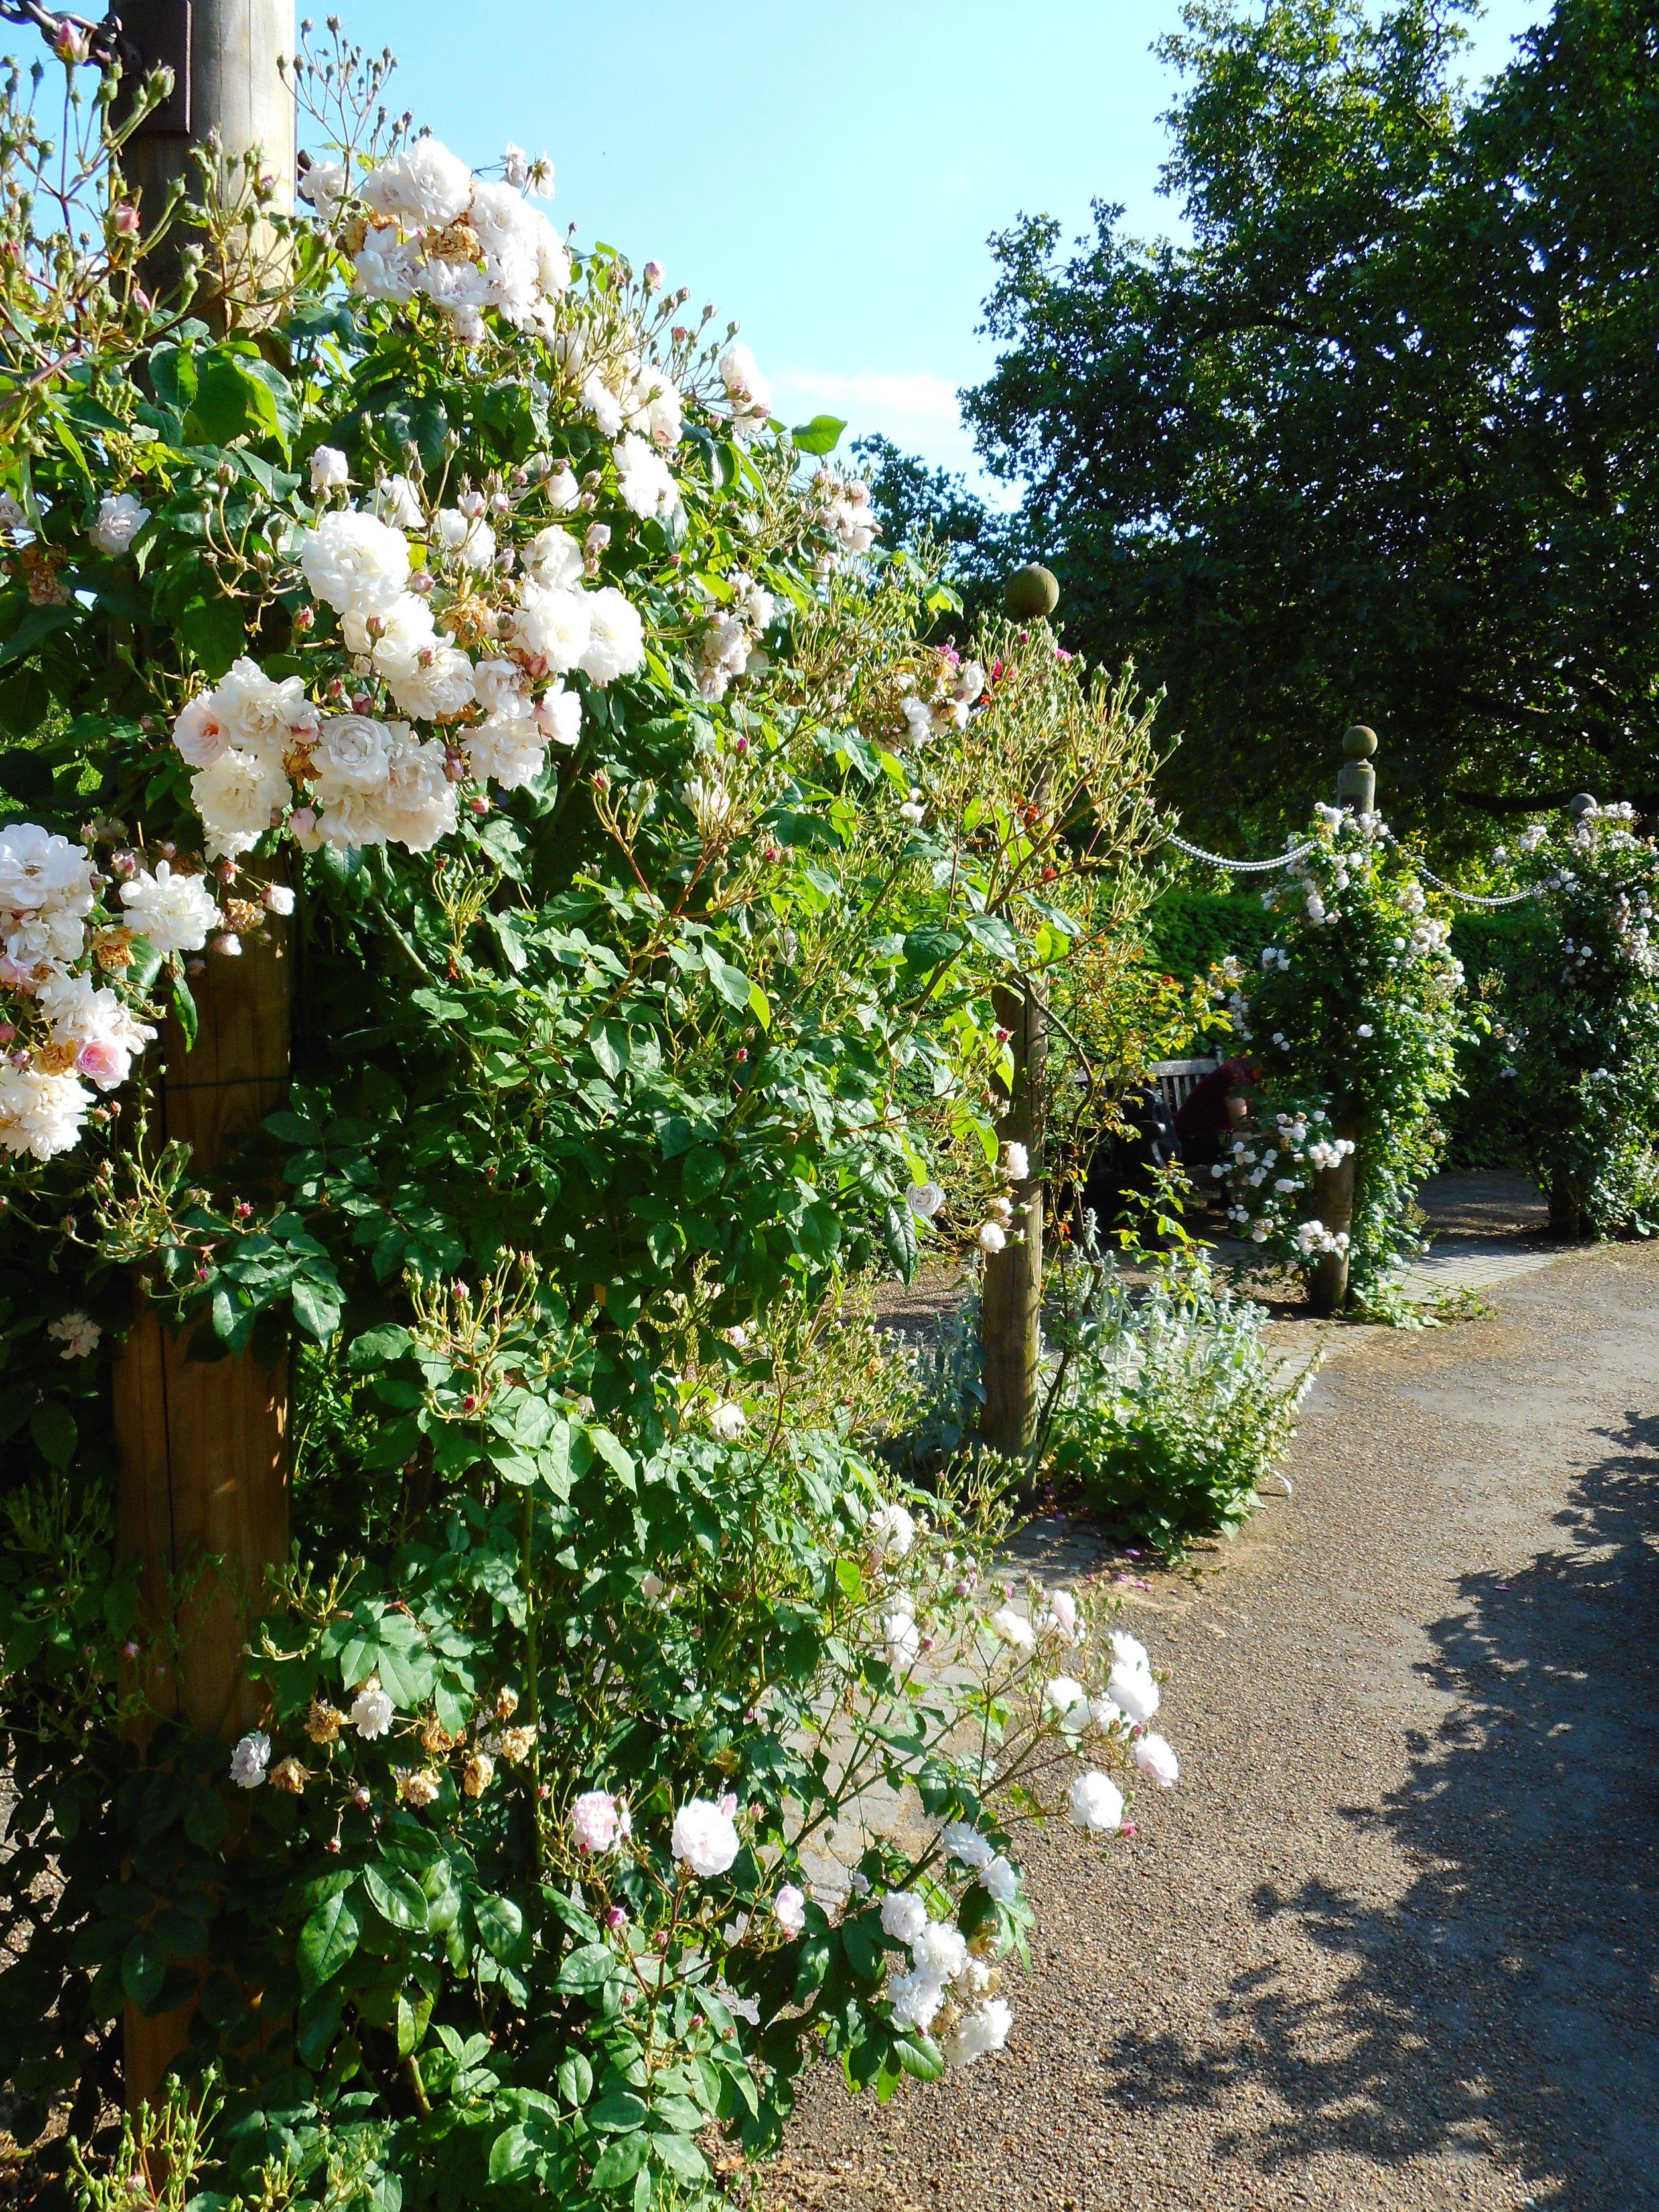 Walking through Kensington Garden